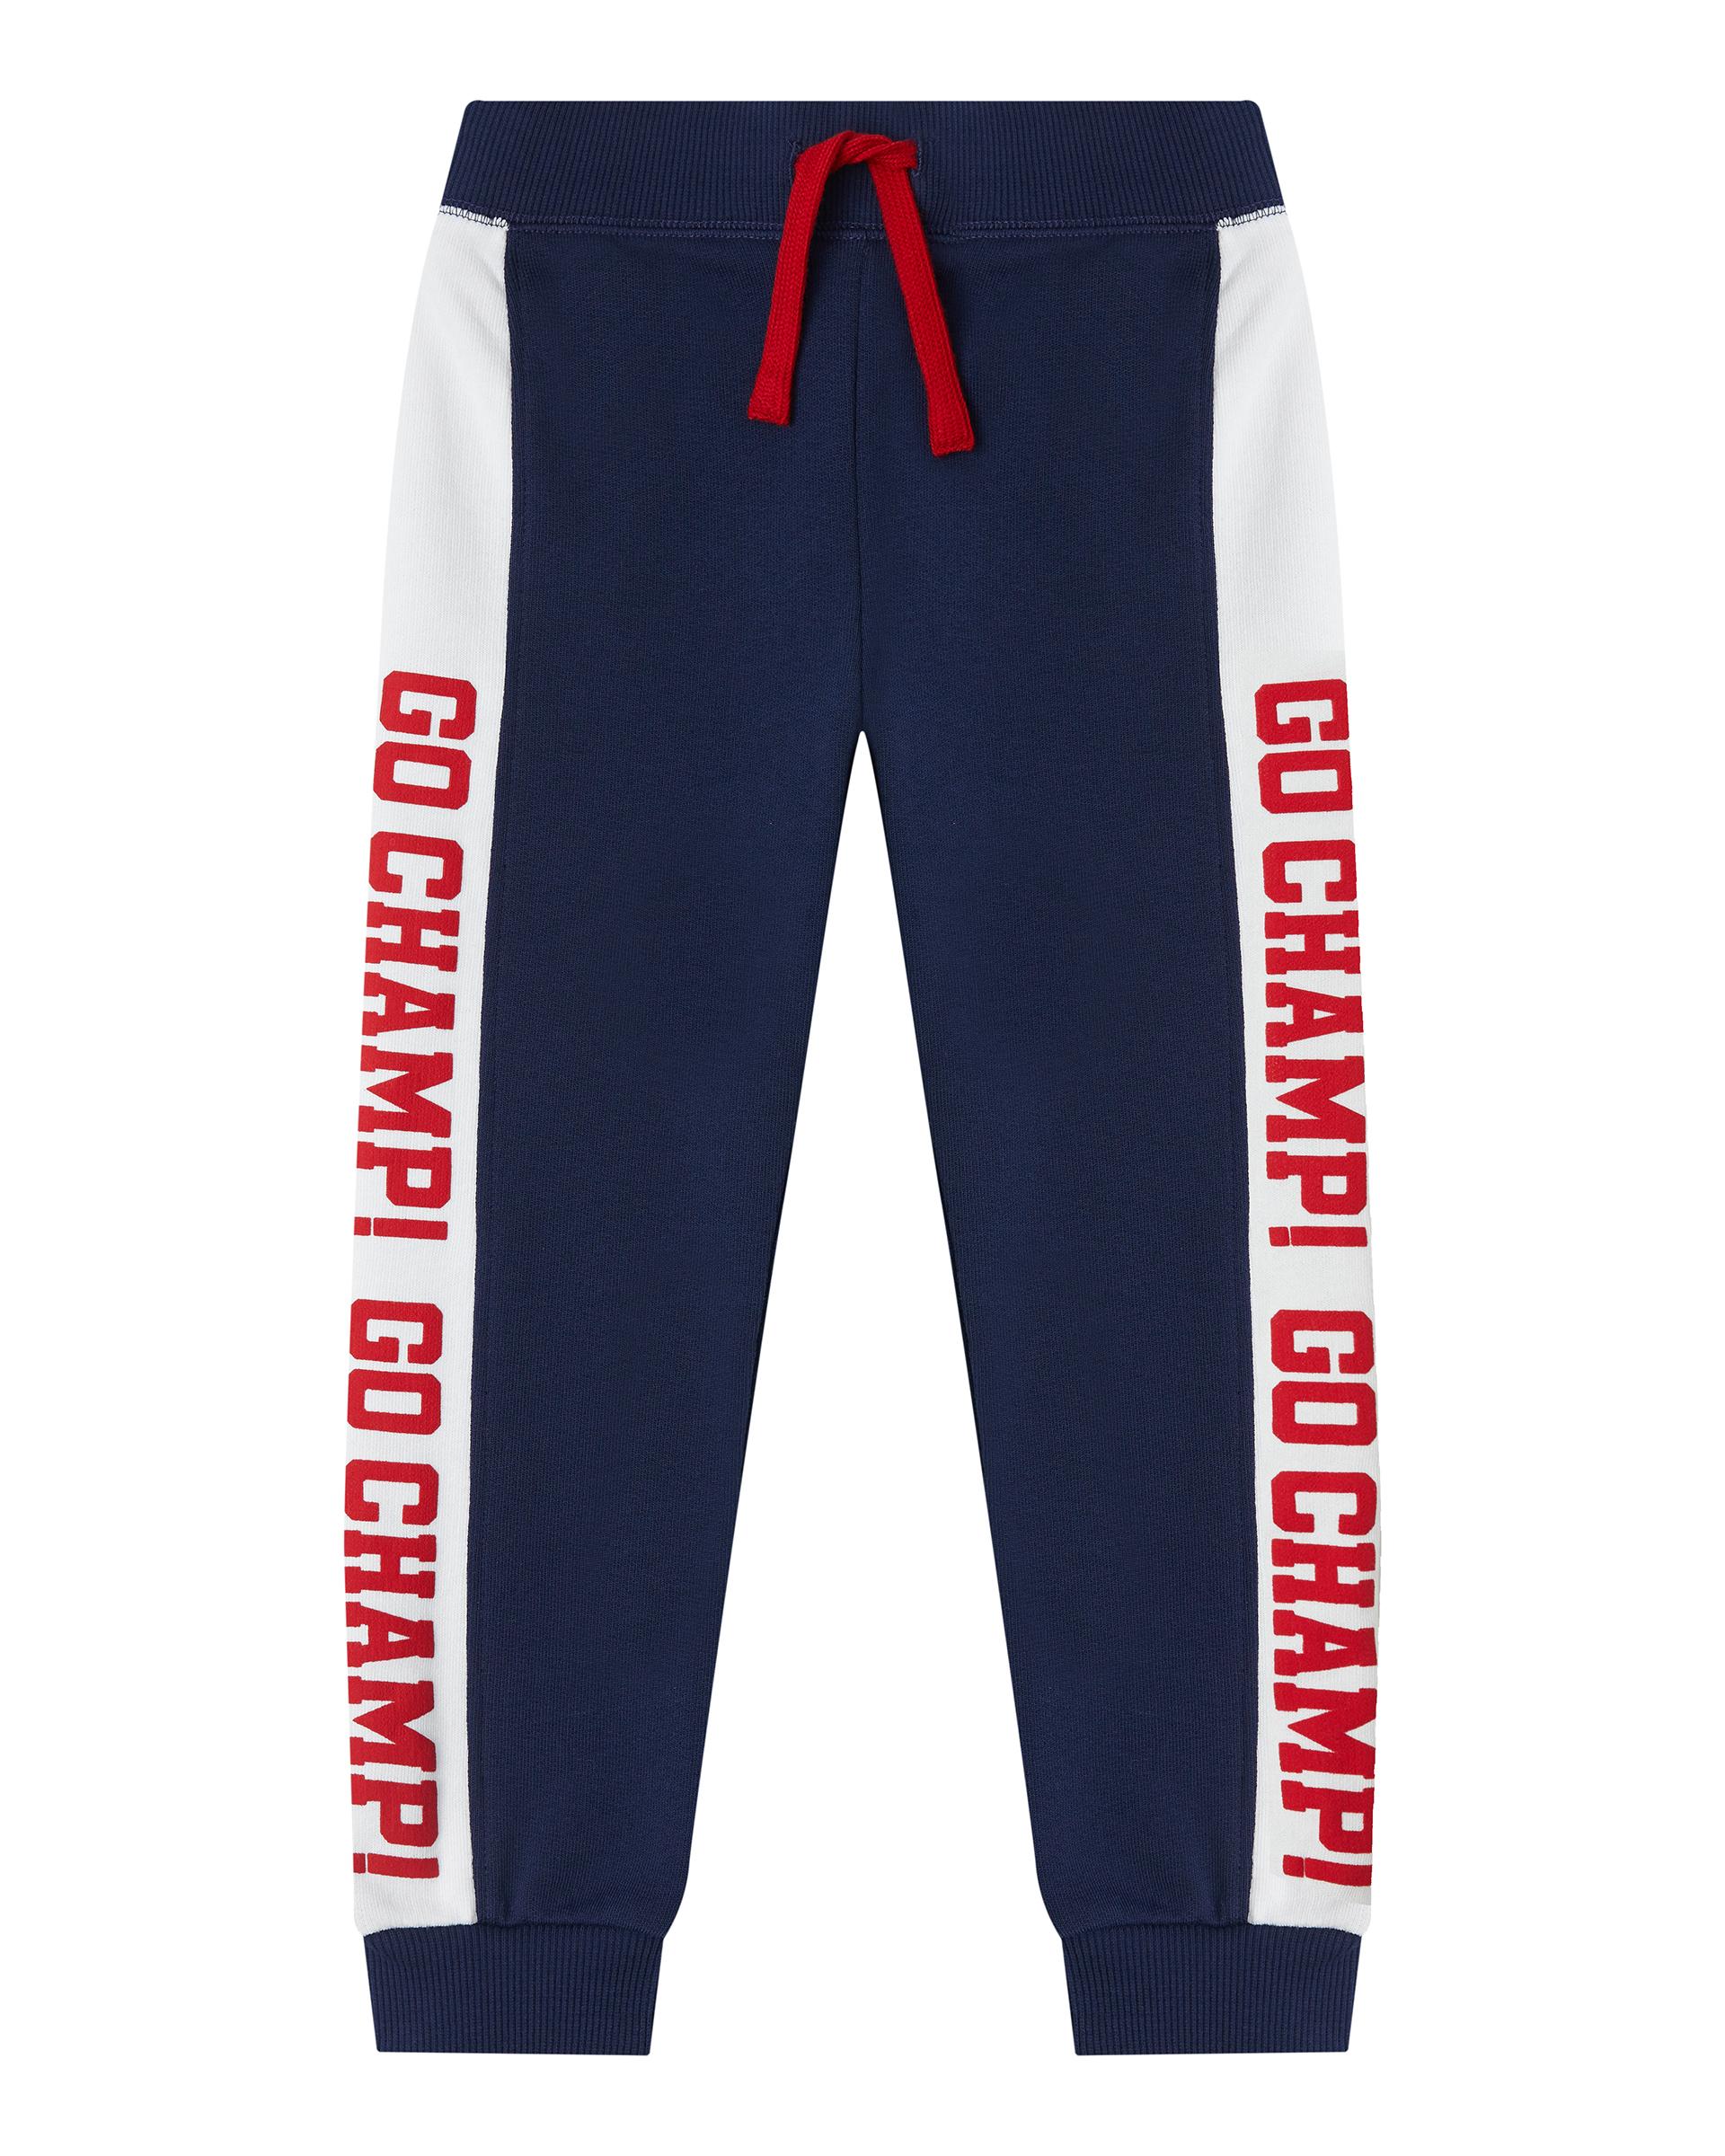 Купить 20P_3J68I02MP_252, Спортивные брюки для мальчиков Benetton 3J68I02MP_252 р-р 92, United Colors of Benetton, Шорты и брюки для новорожденных